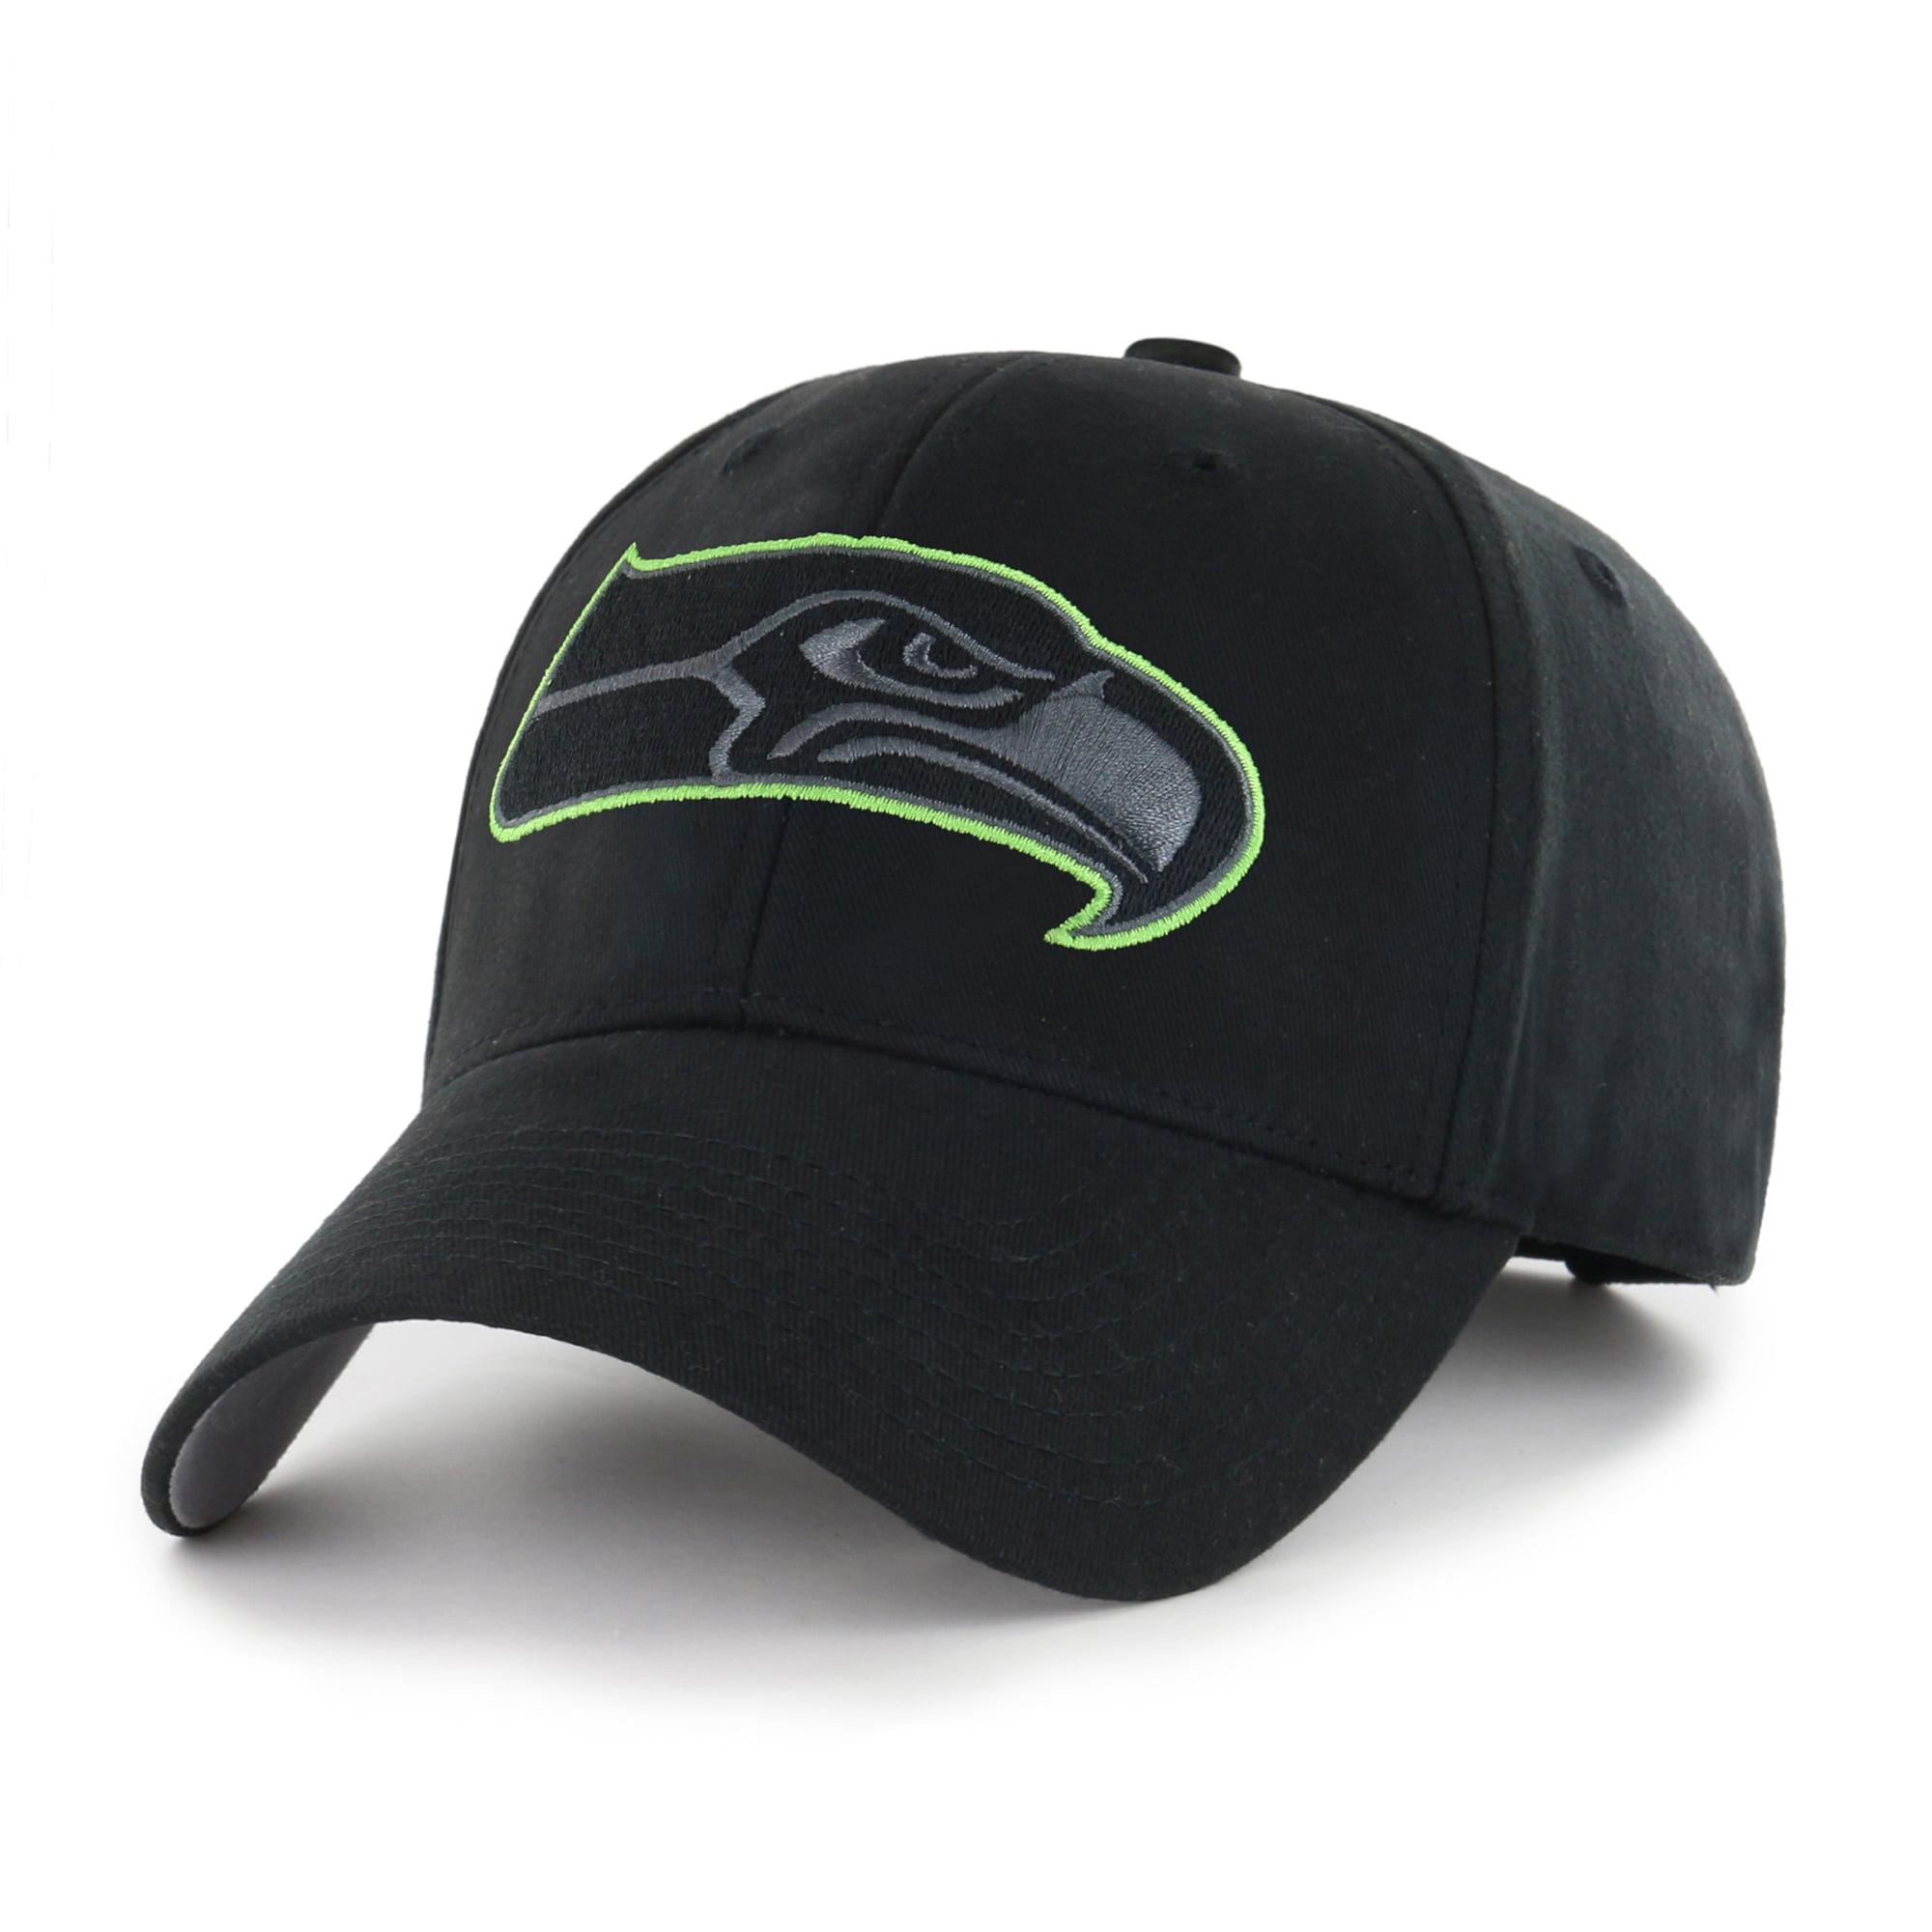 NFL Seattle Seahawks Black Mass Basic Adjustable Cap/Hat by Fan Favorite